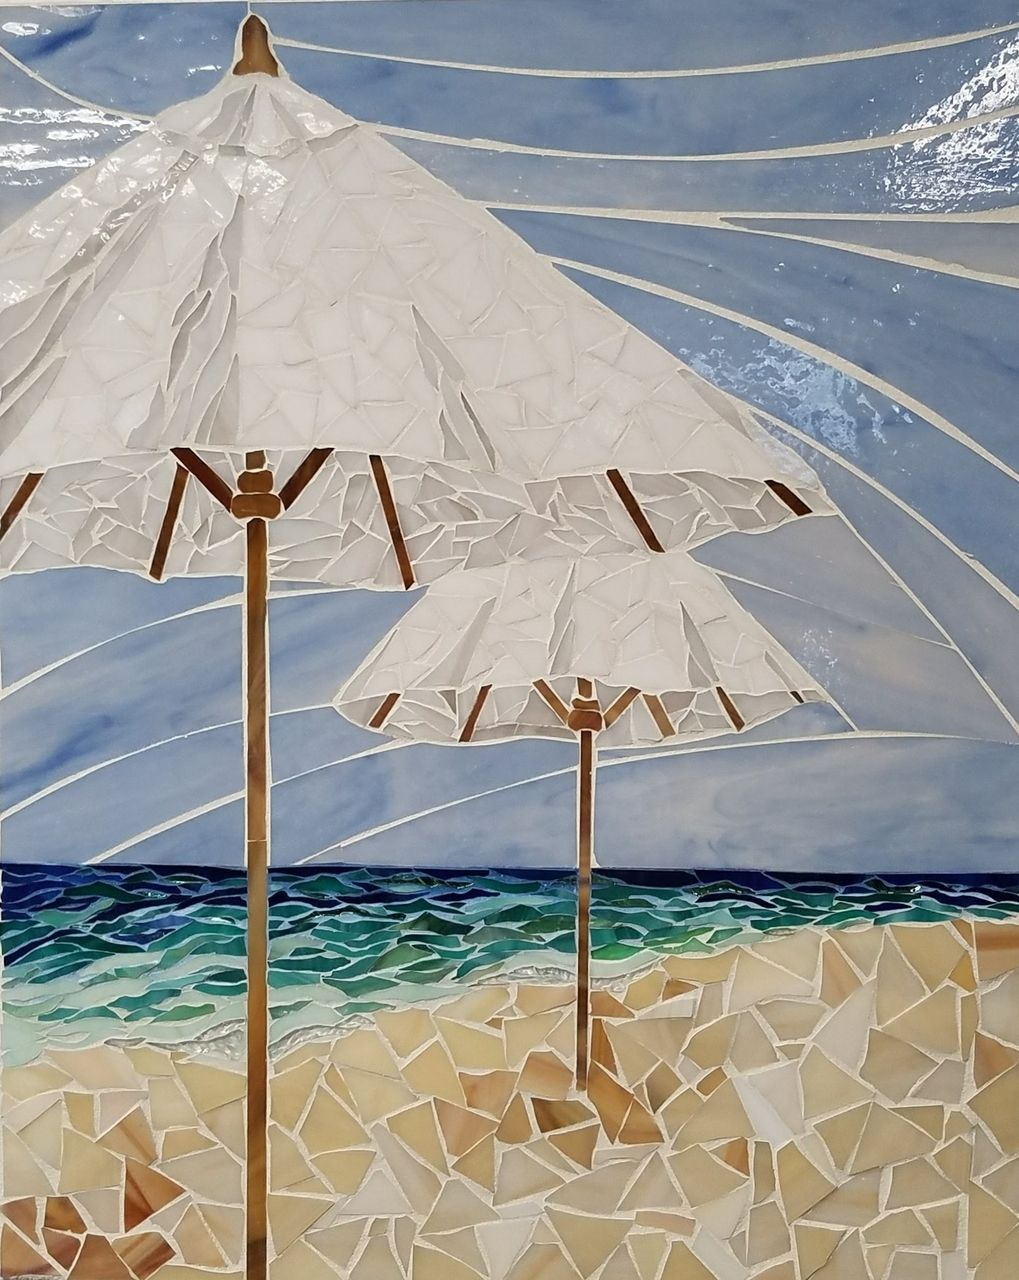 White Umbrellas On Beach Mosaic Art Beach Umbrellas Glass Mosaic 16 X20 Lucy Designs Art Glass Mosaic Art Mosaic Glass Mosaic Art